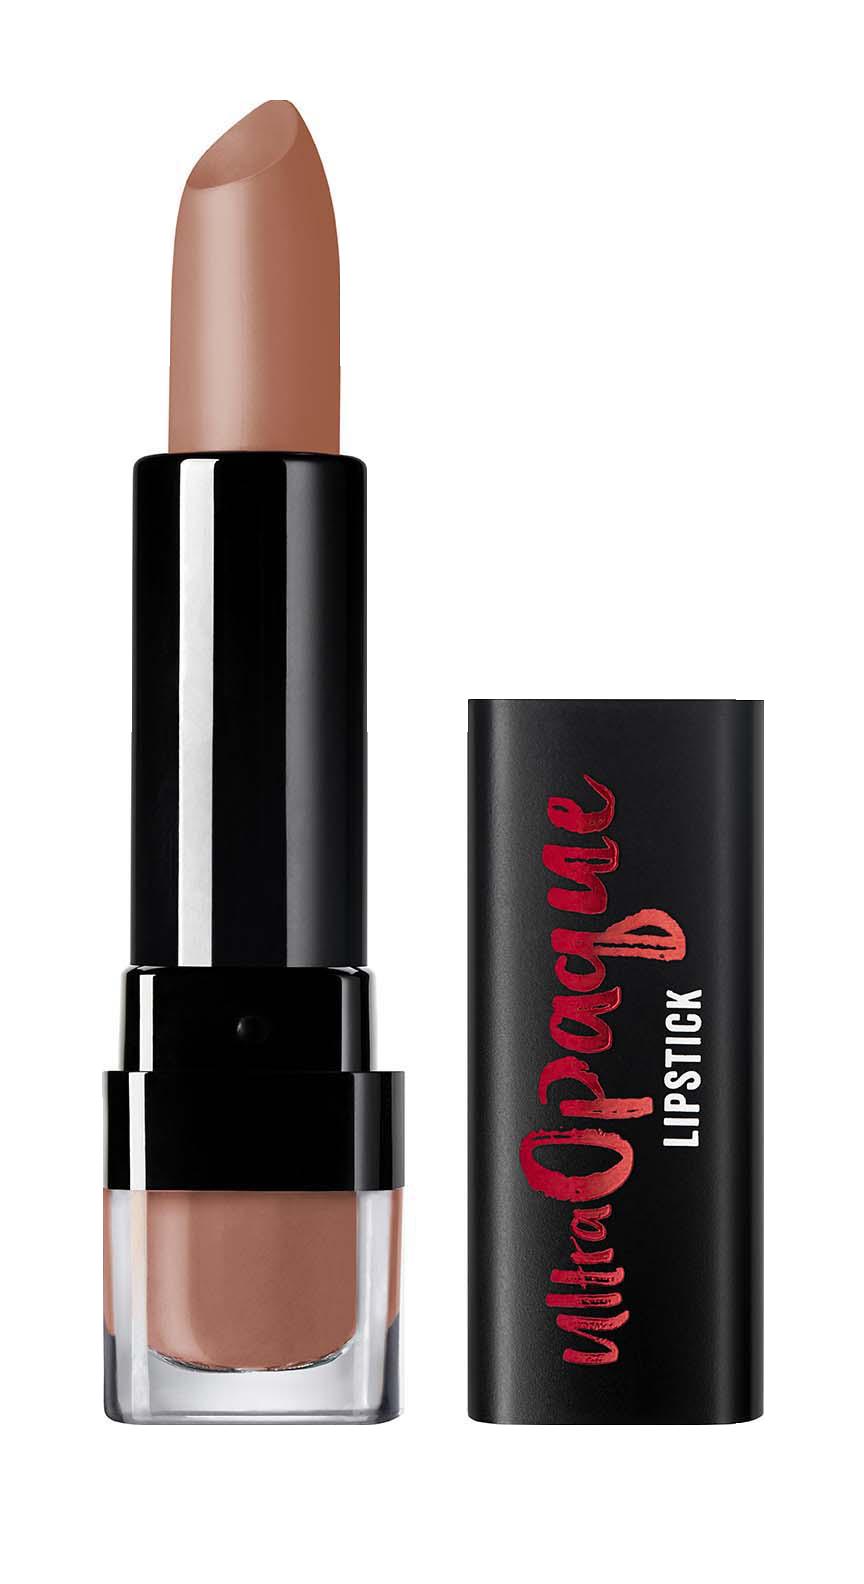 Ultra Opaque Lipstick Tender Ties